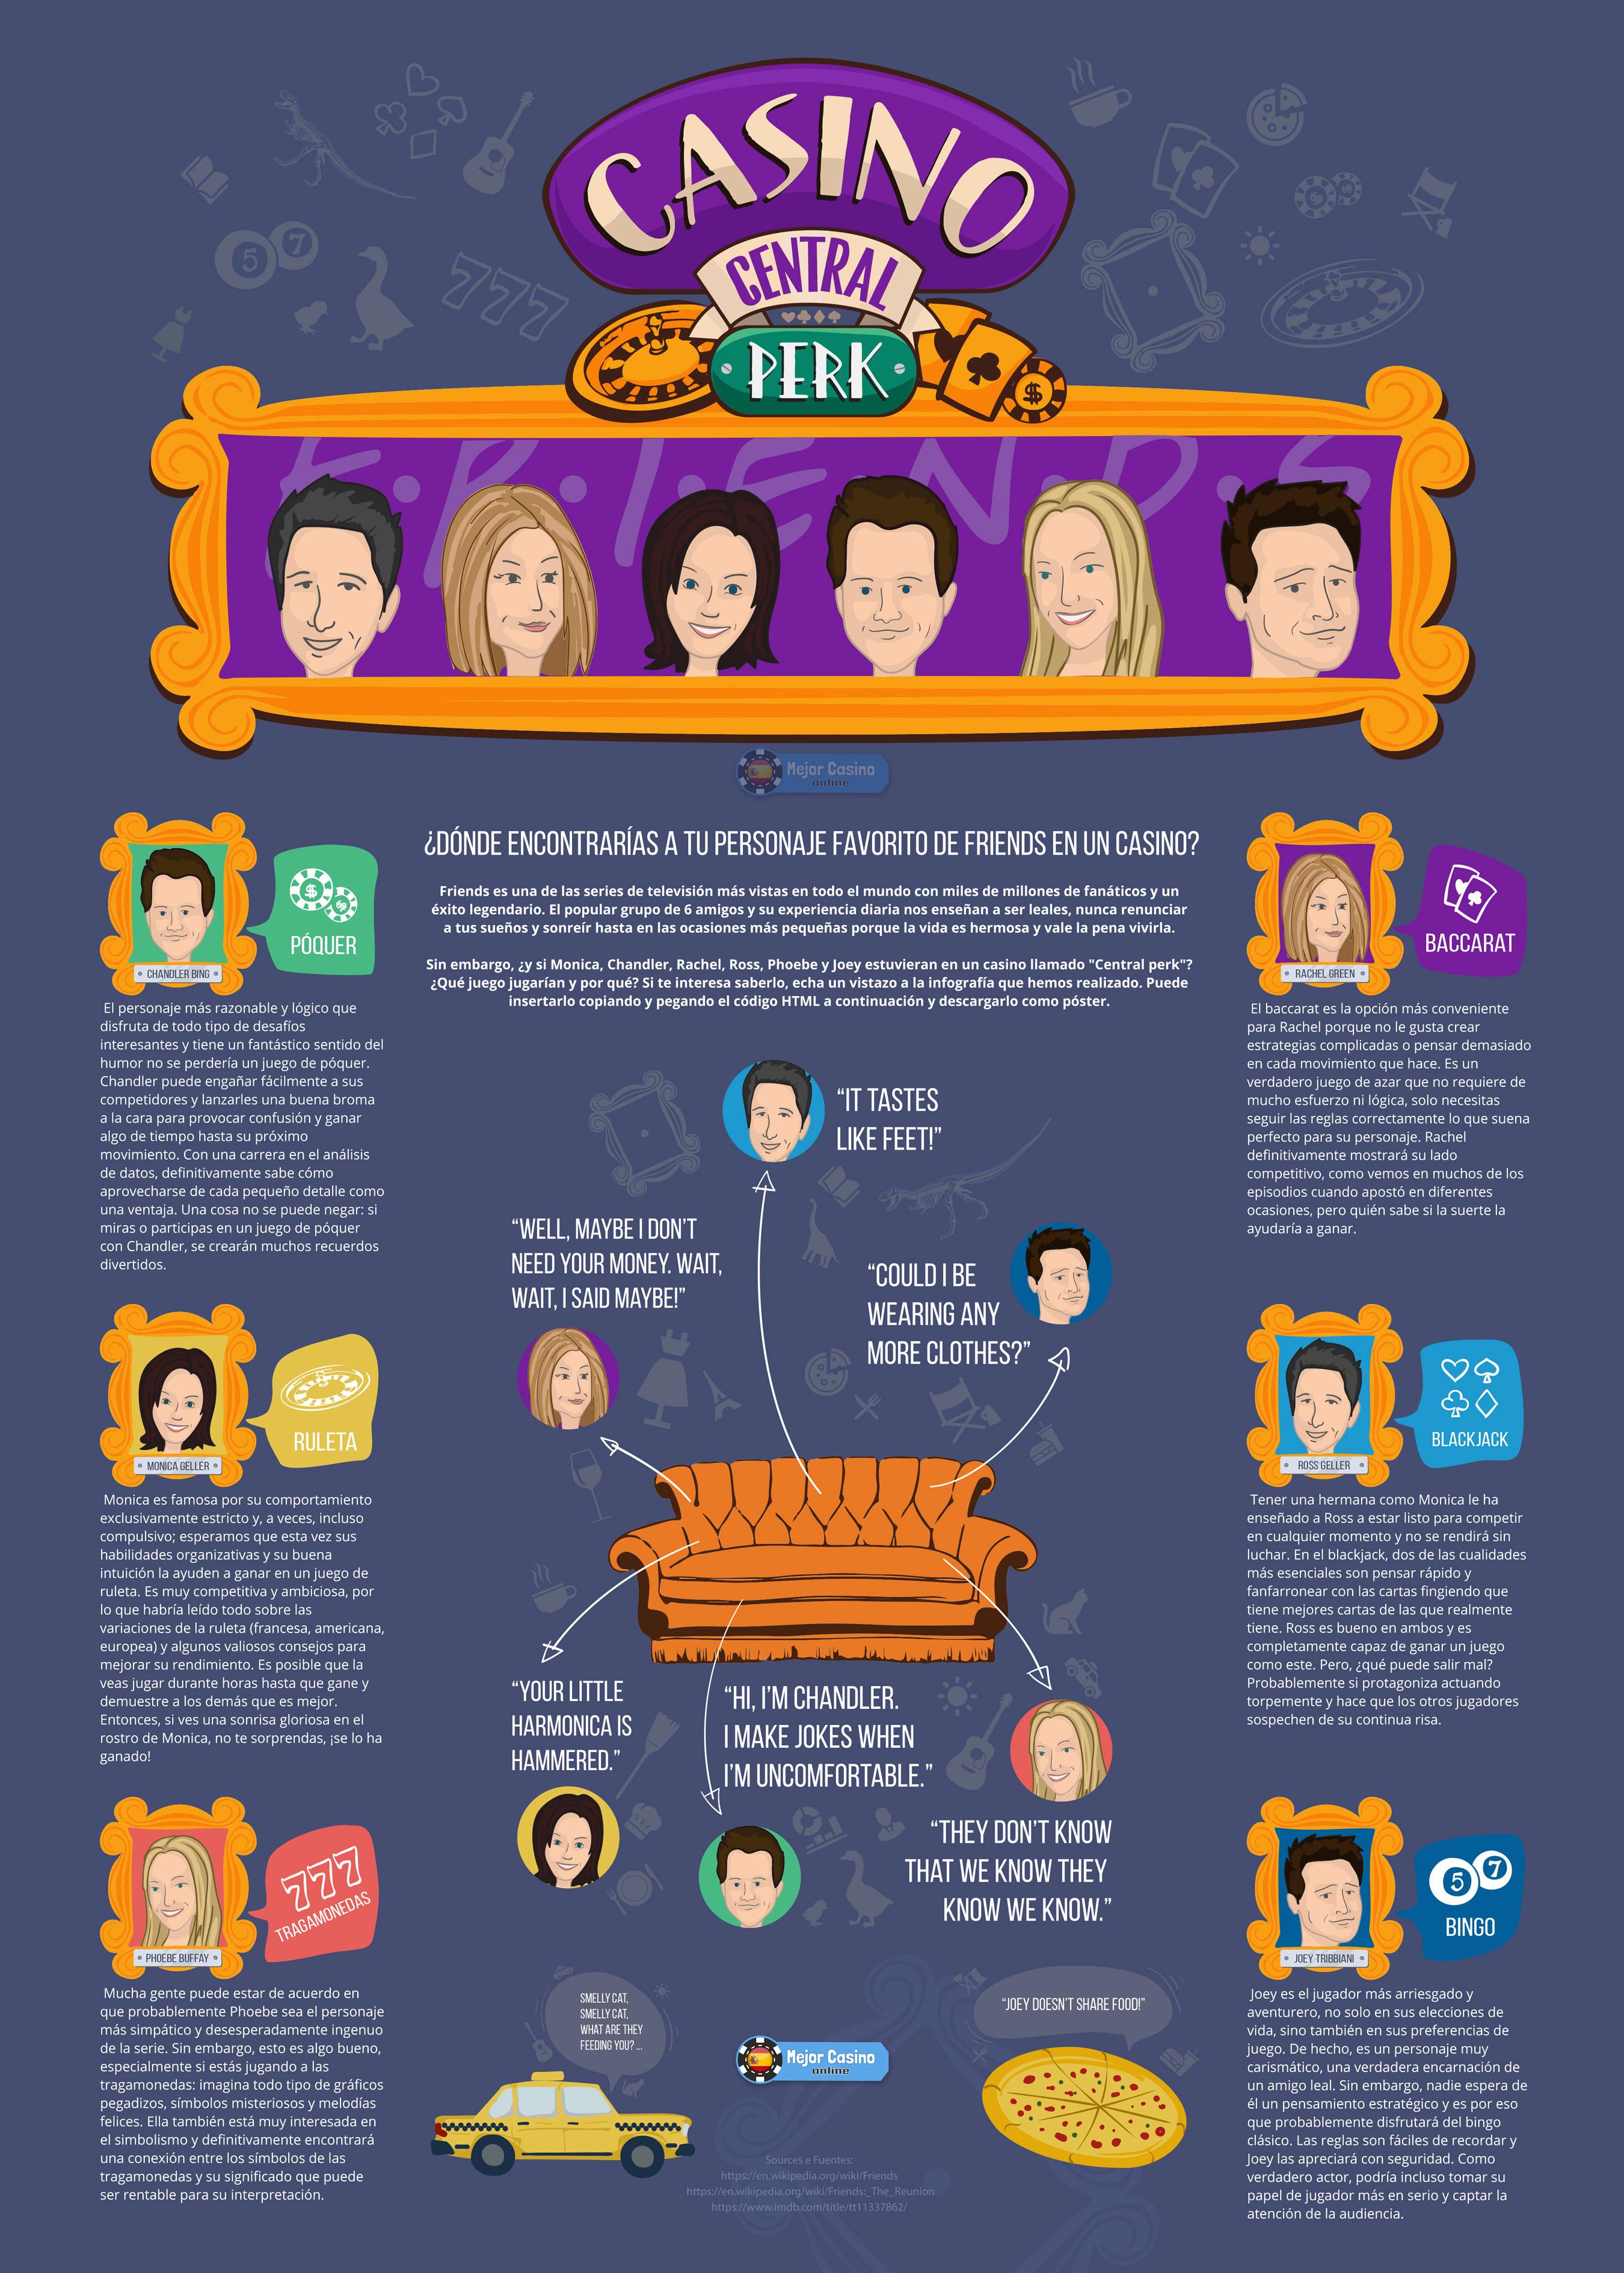 ¿Dónde encontrarías a tu personaje favorito de Friends en un casino?